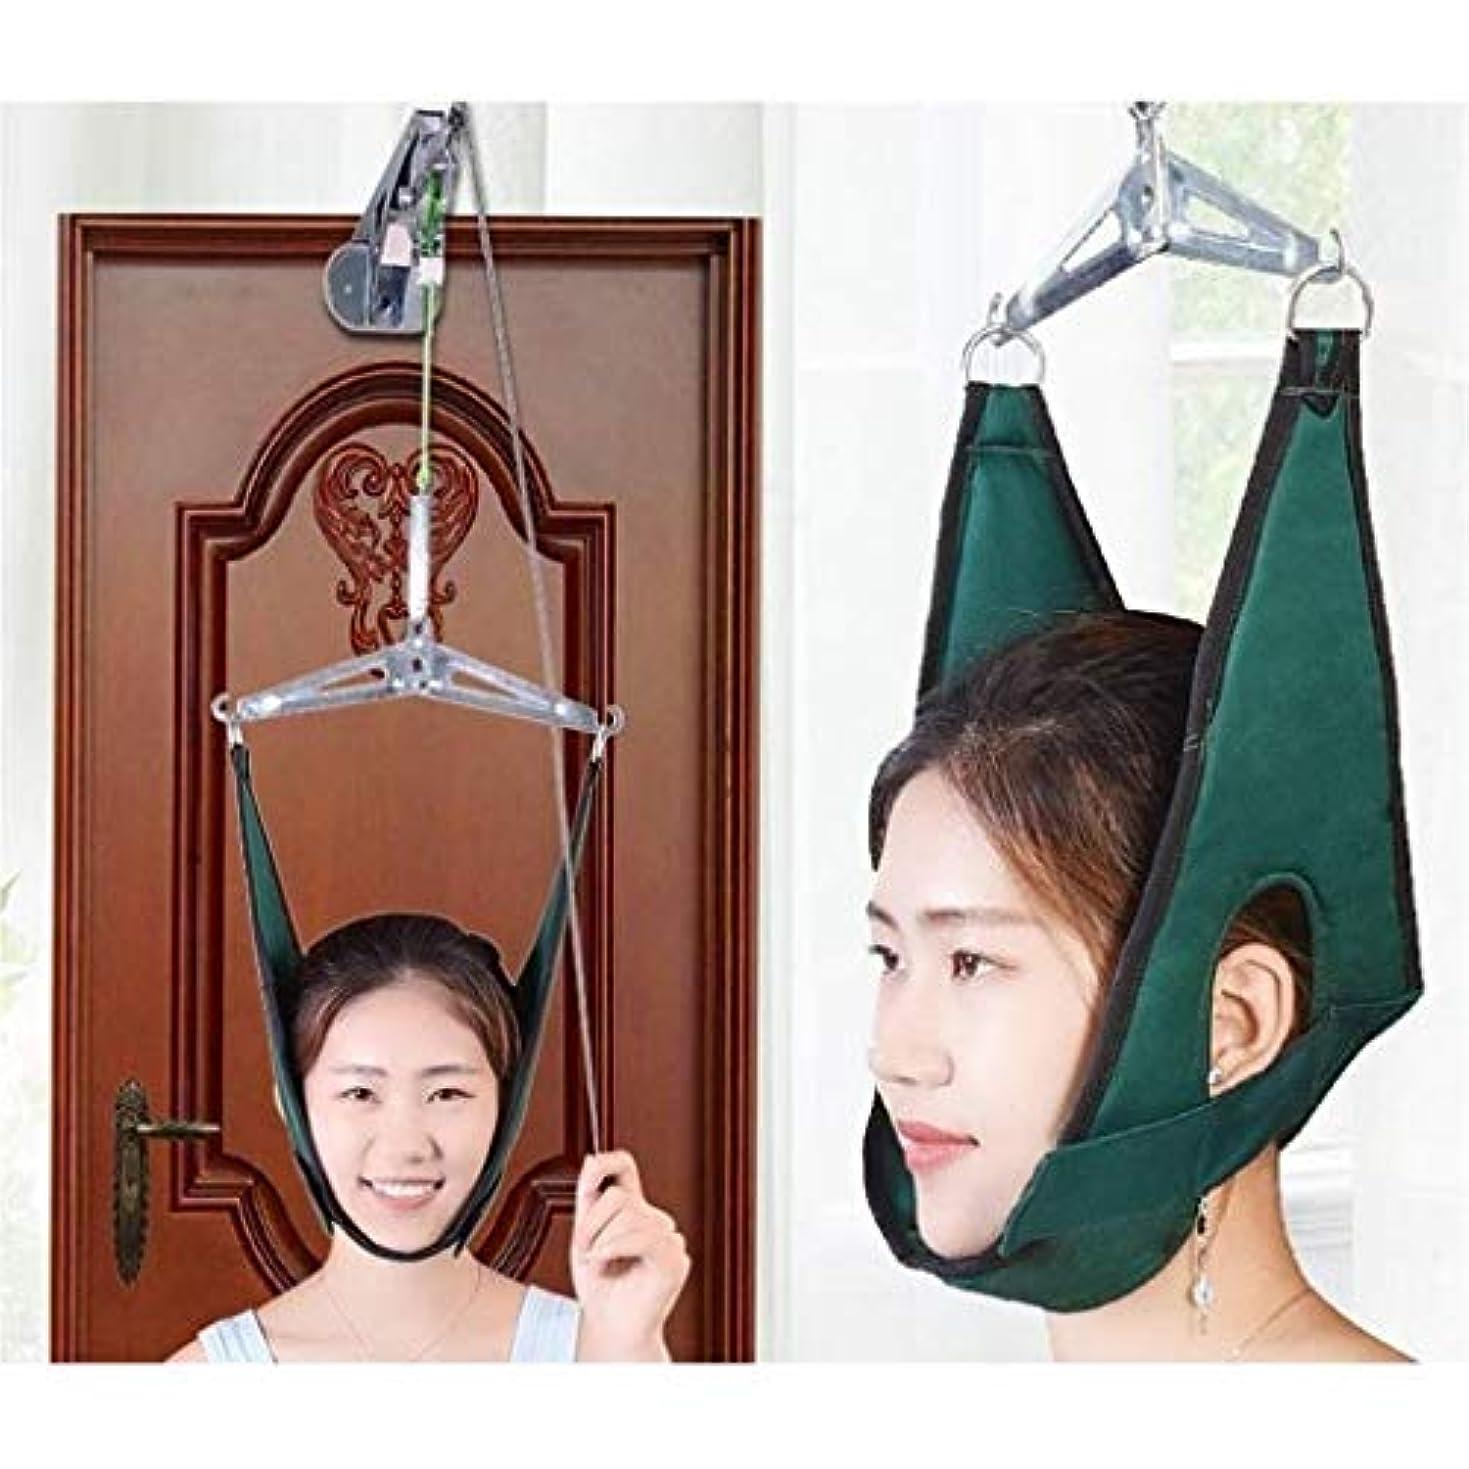 無関心現代慈悲深い頸部牽引装置、頸部頸部牽引装置、首マッサージ器、治療器具、歯列矯正用首の痛みの緩和